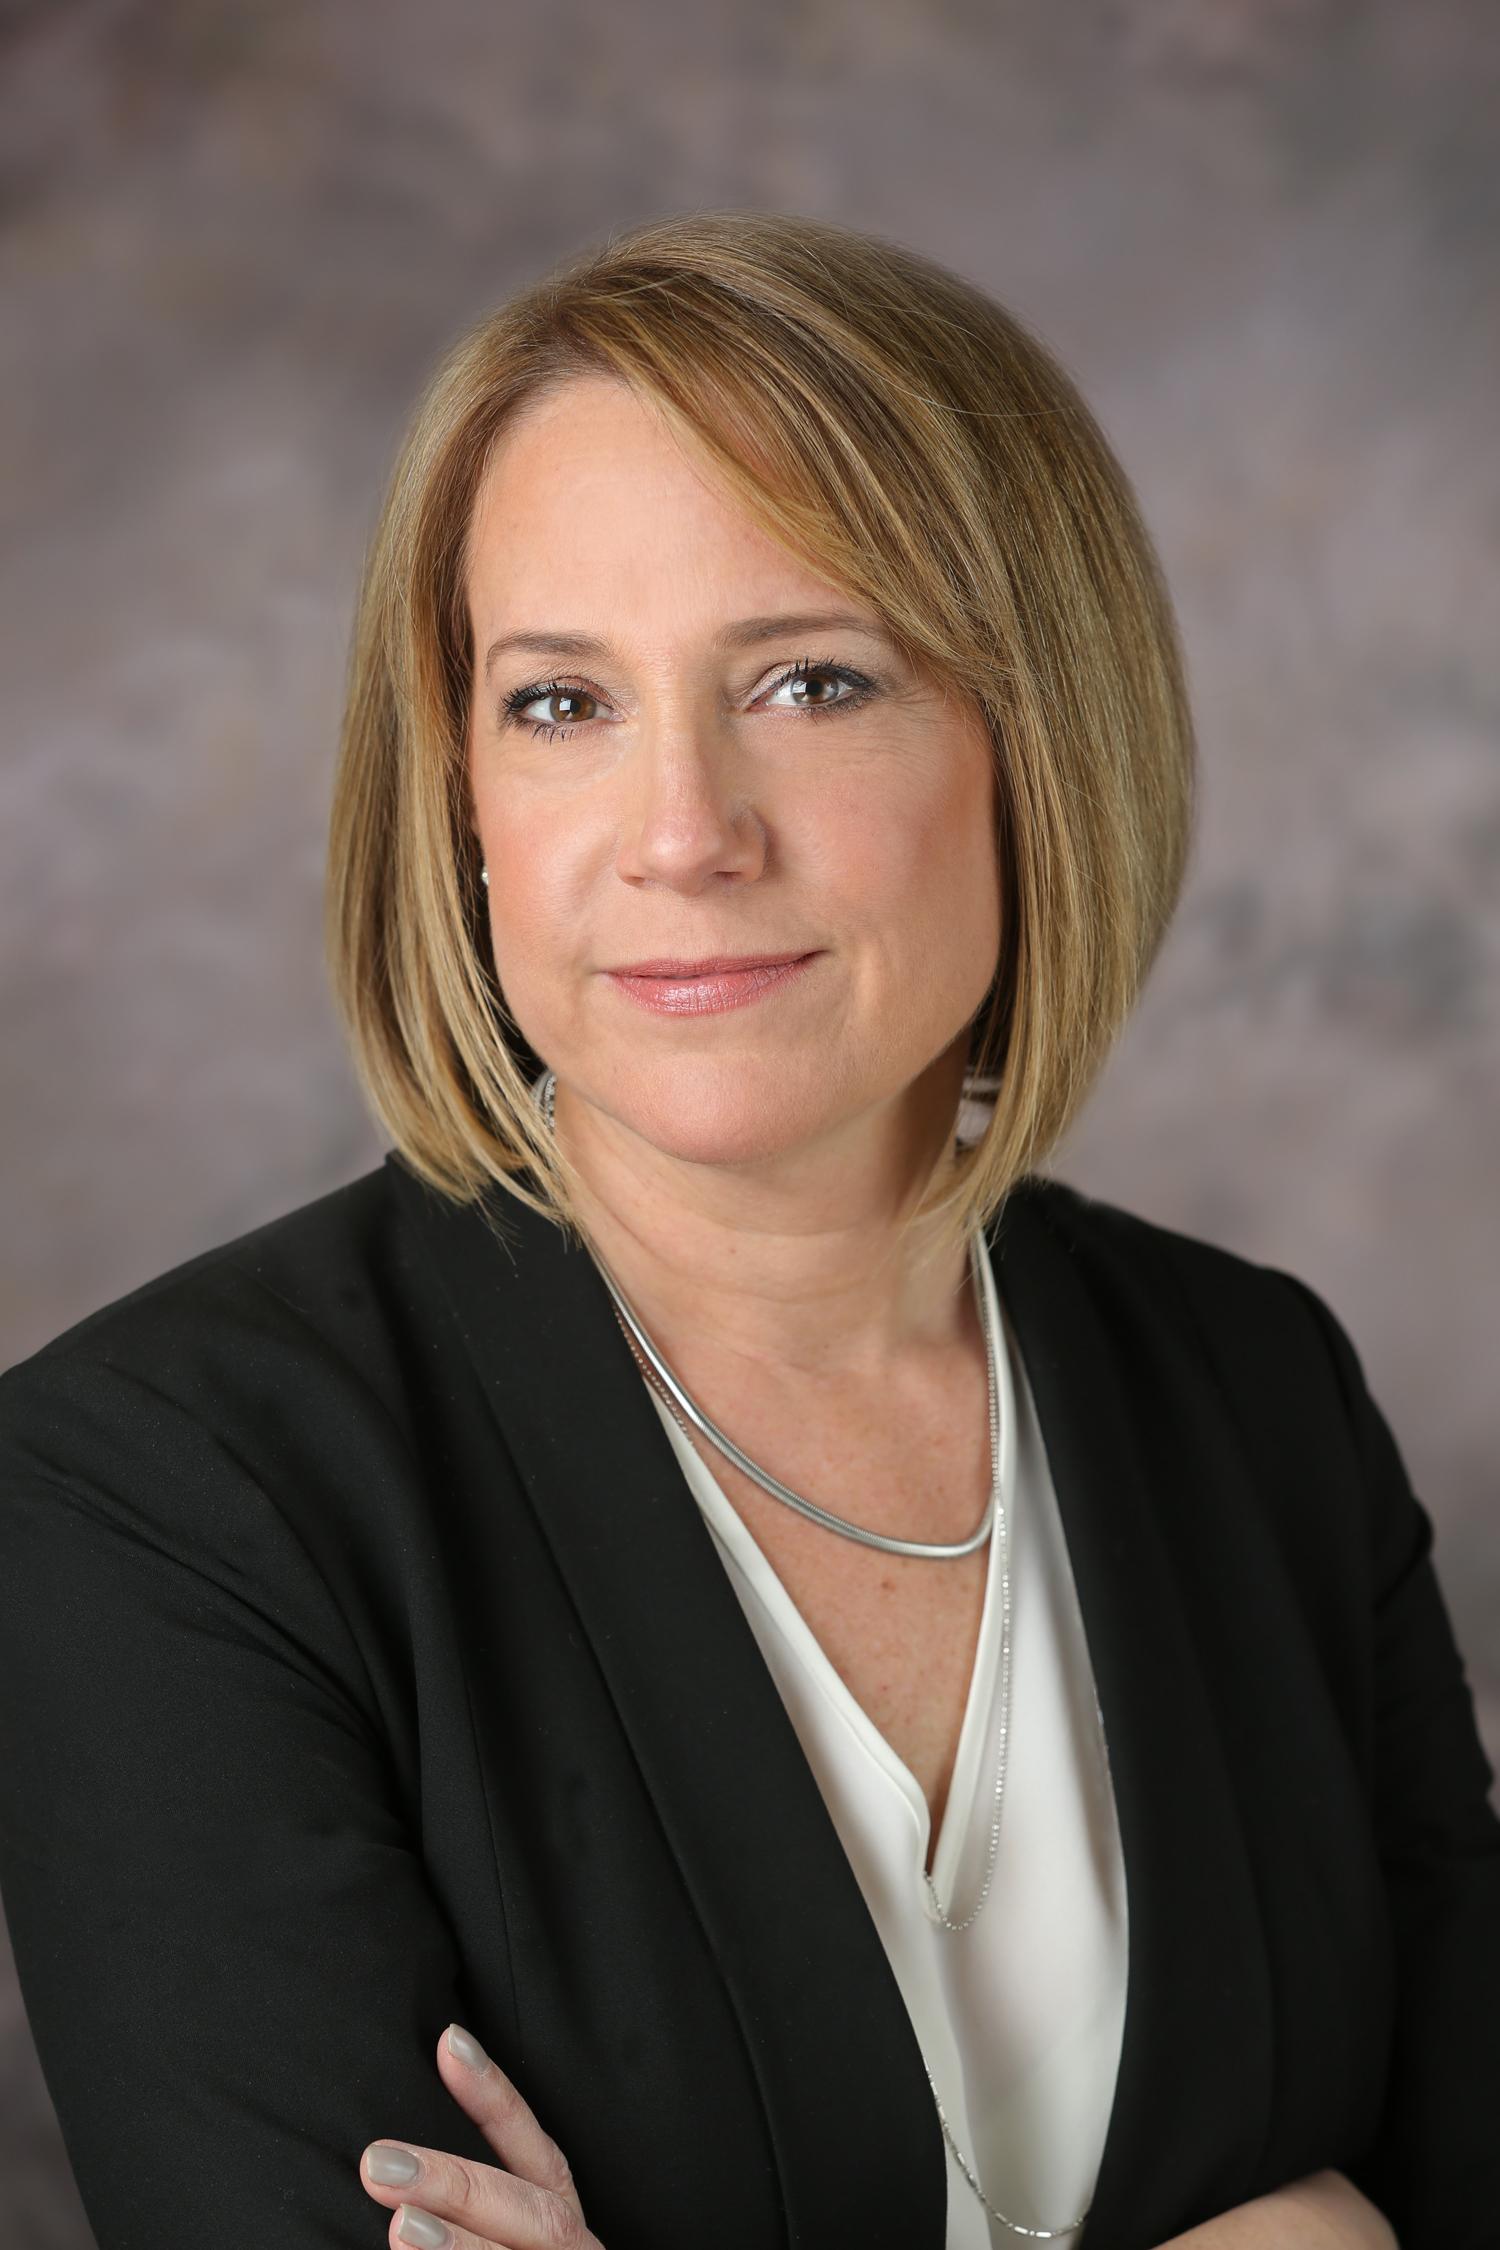 Purdue Pharma L P Announces Hire Of Carrie Chomiak To